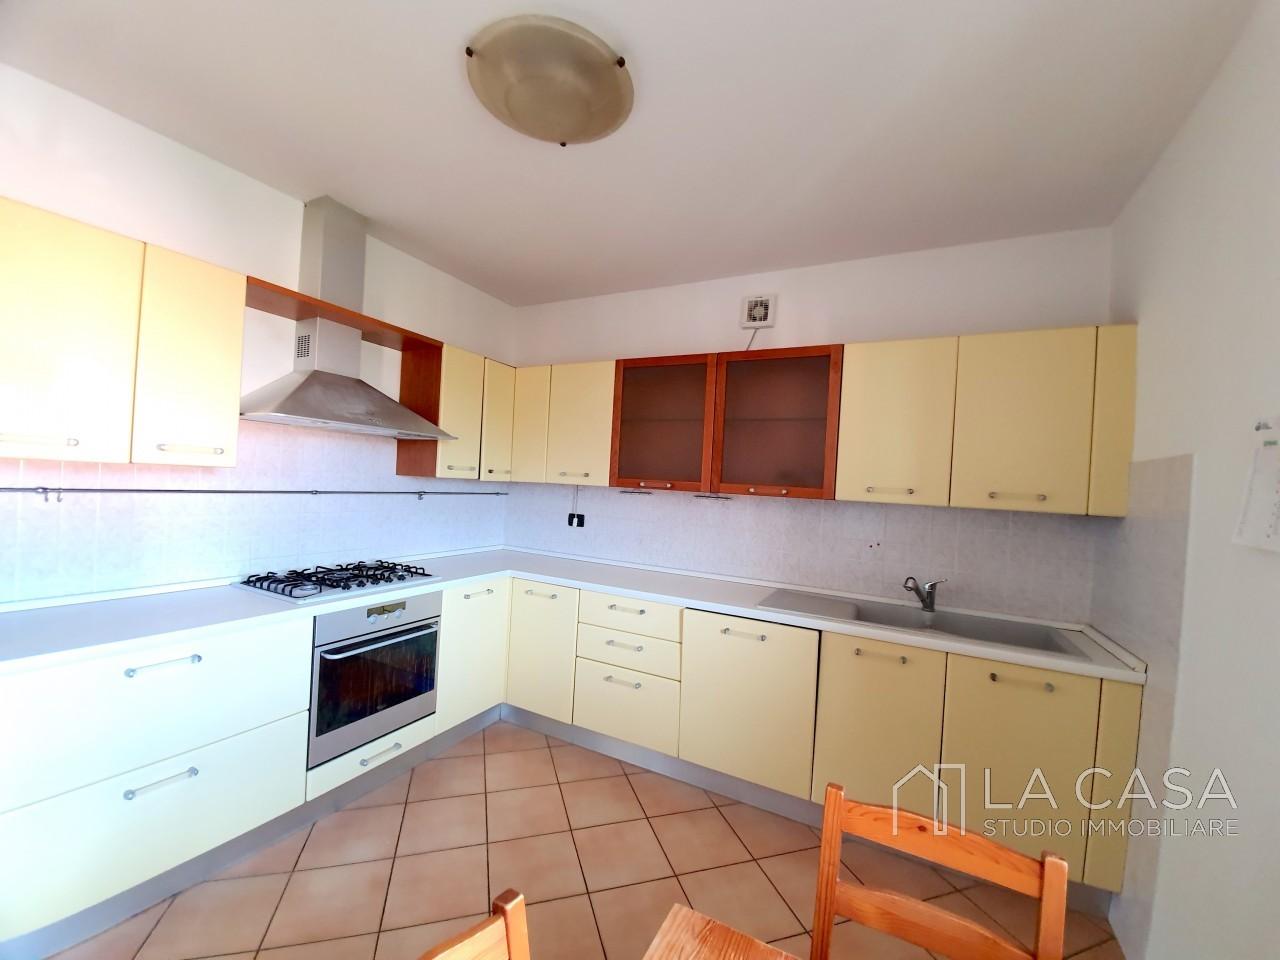 Appartamento Tricamere in  vendita a San Giorgio delle Richinvelda - Rif. A26 https://media.gestionaleimmobiliare.it/foto/annunci/190730/2040920/1280x1280/004__20190722_160400_wmk_0.jpg